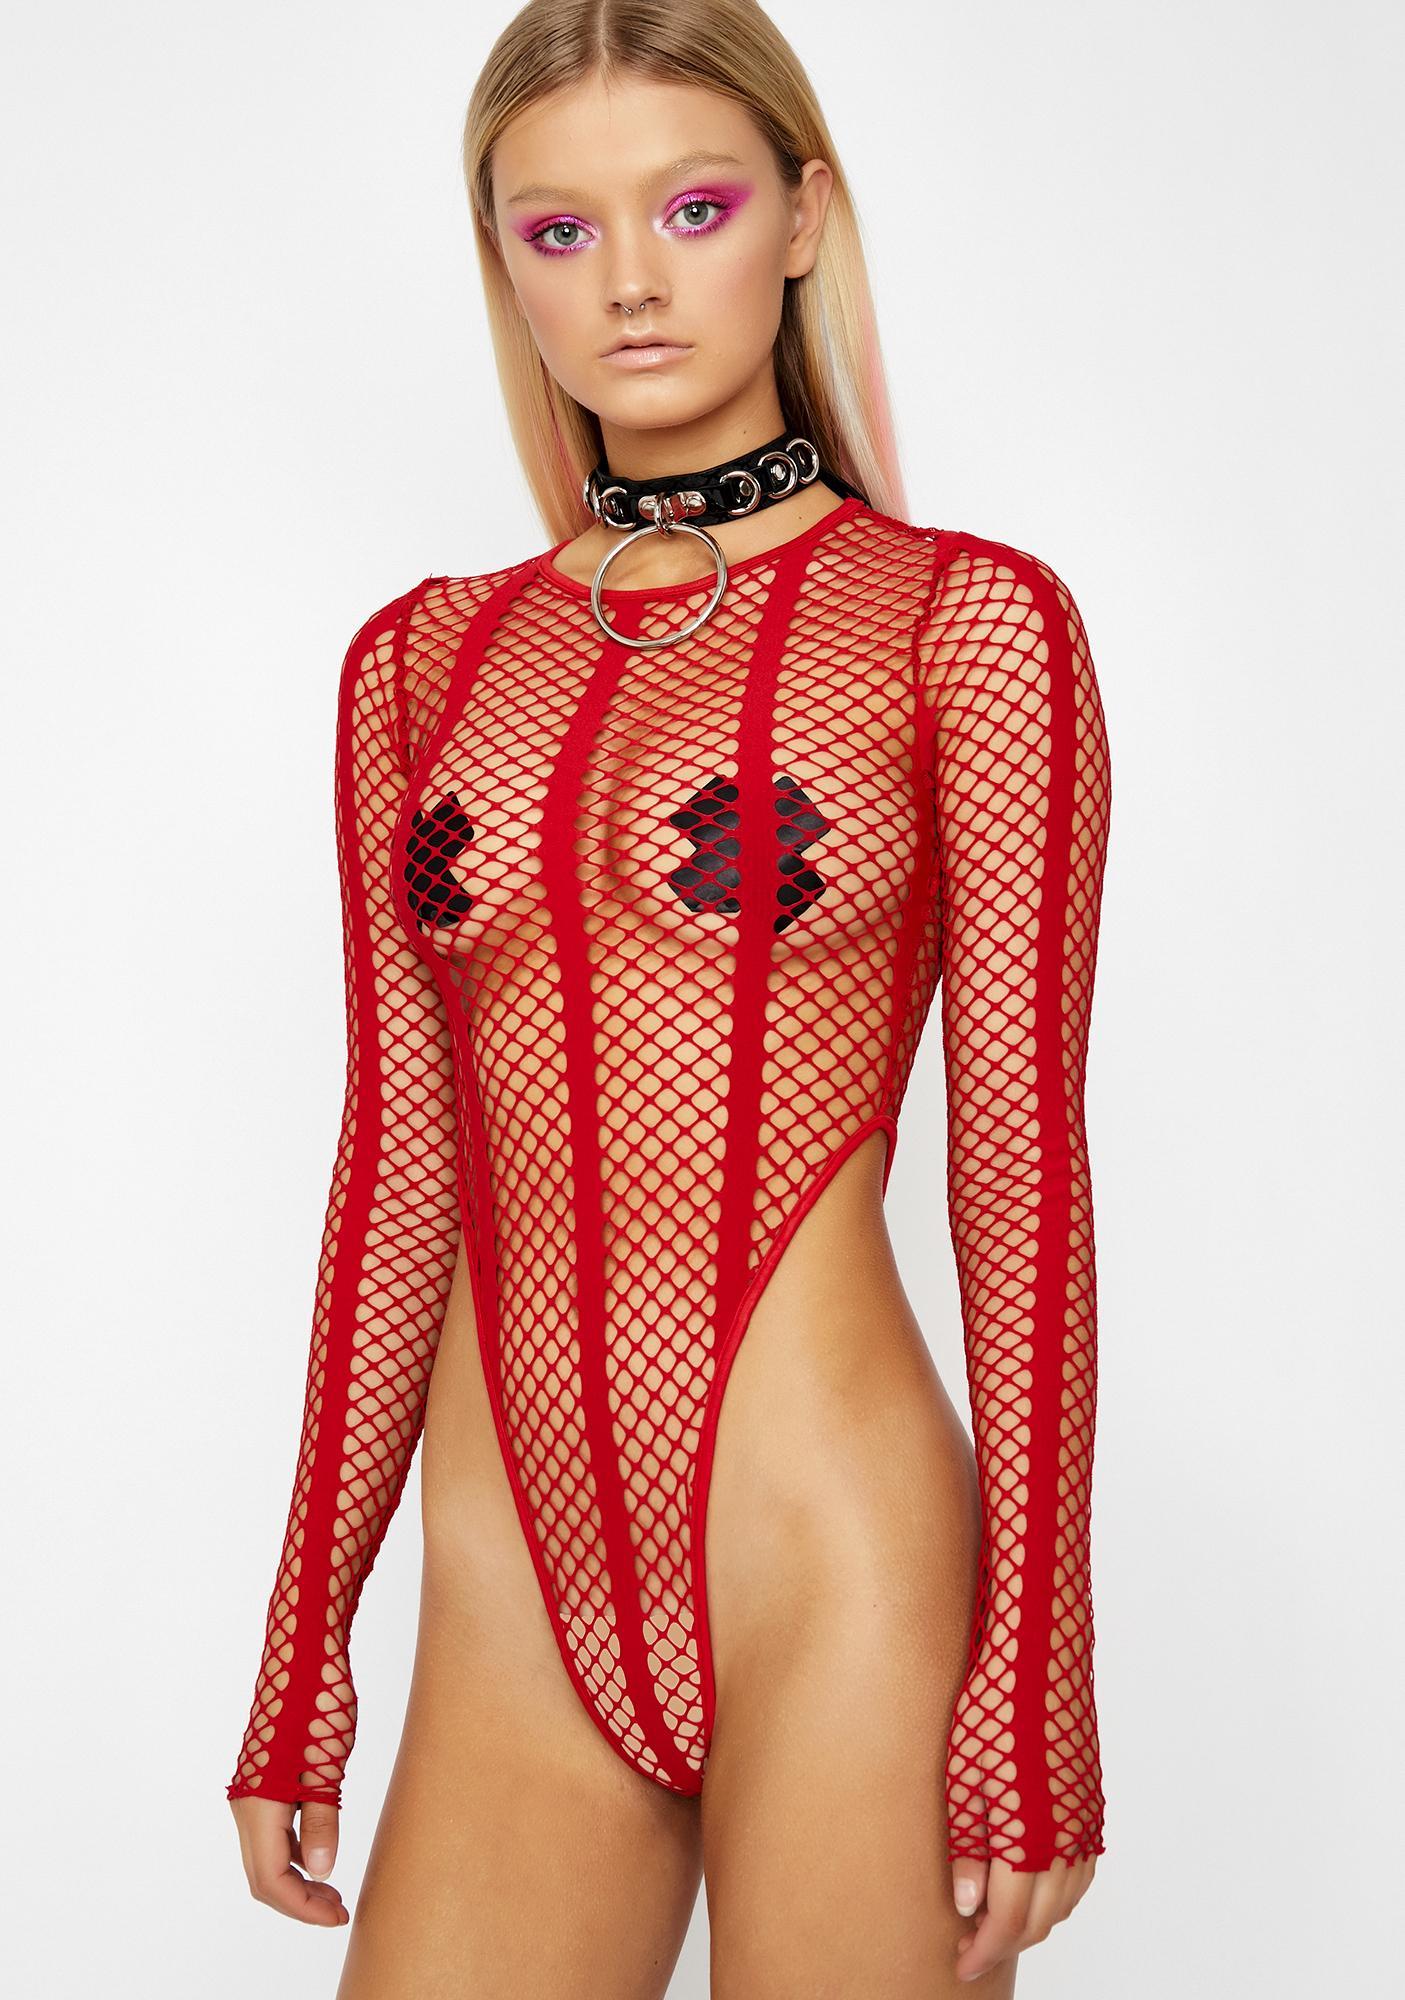 c99e460c8f1 ... Flame Chaotic Vixen Fishnet Bodysuit ...